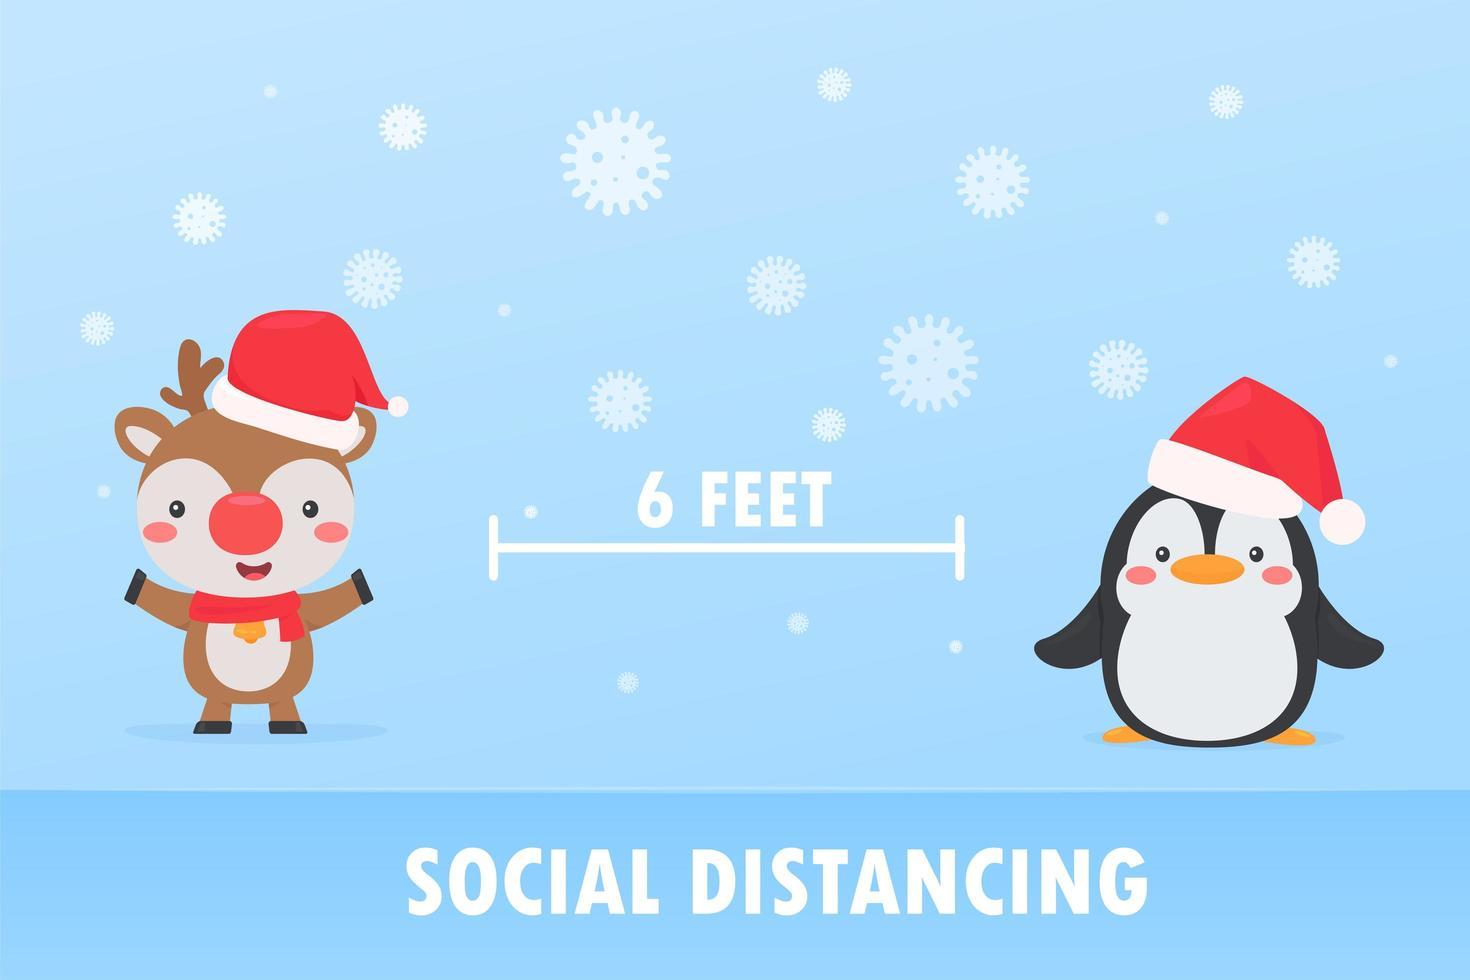 Reindeer and penguin social distancing to prevent Coronavirus vector